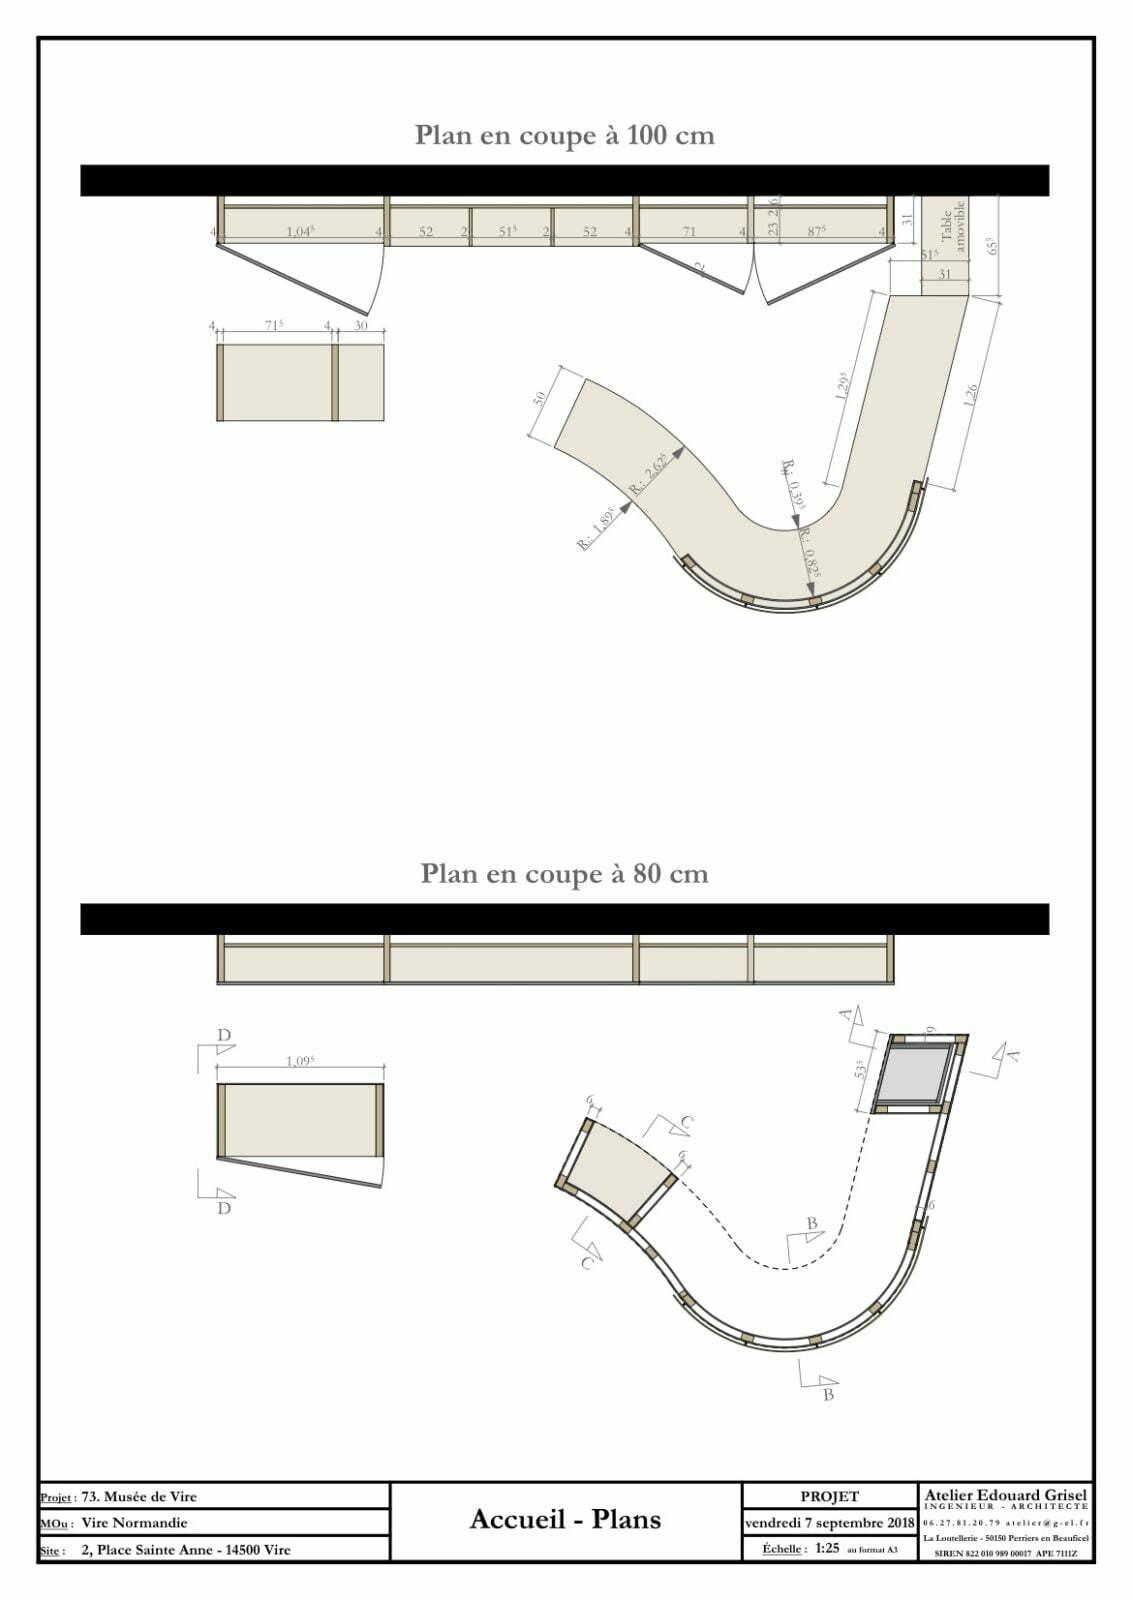 D1. Accueil - Plans